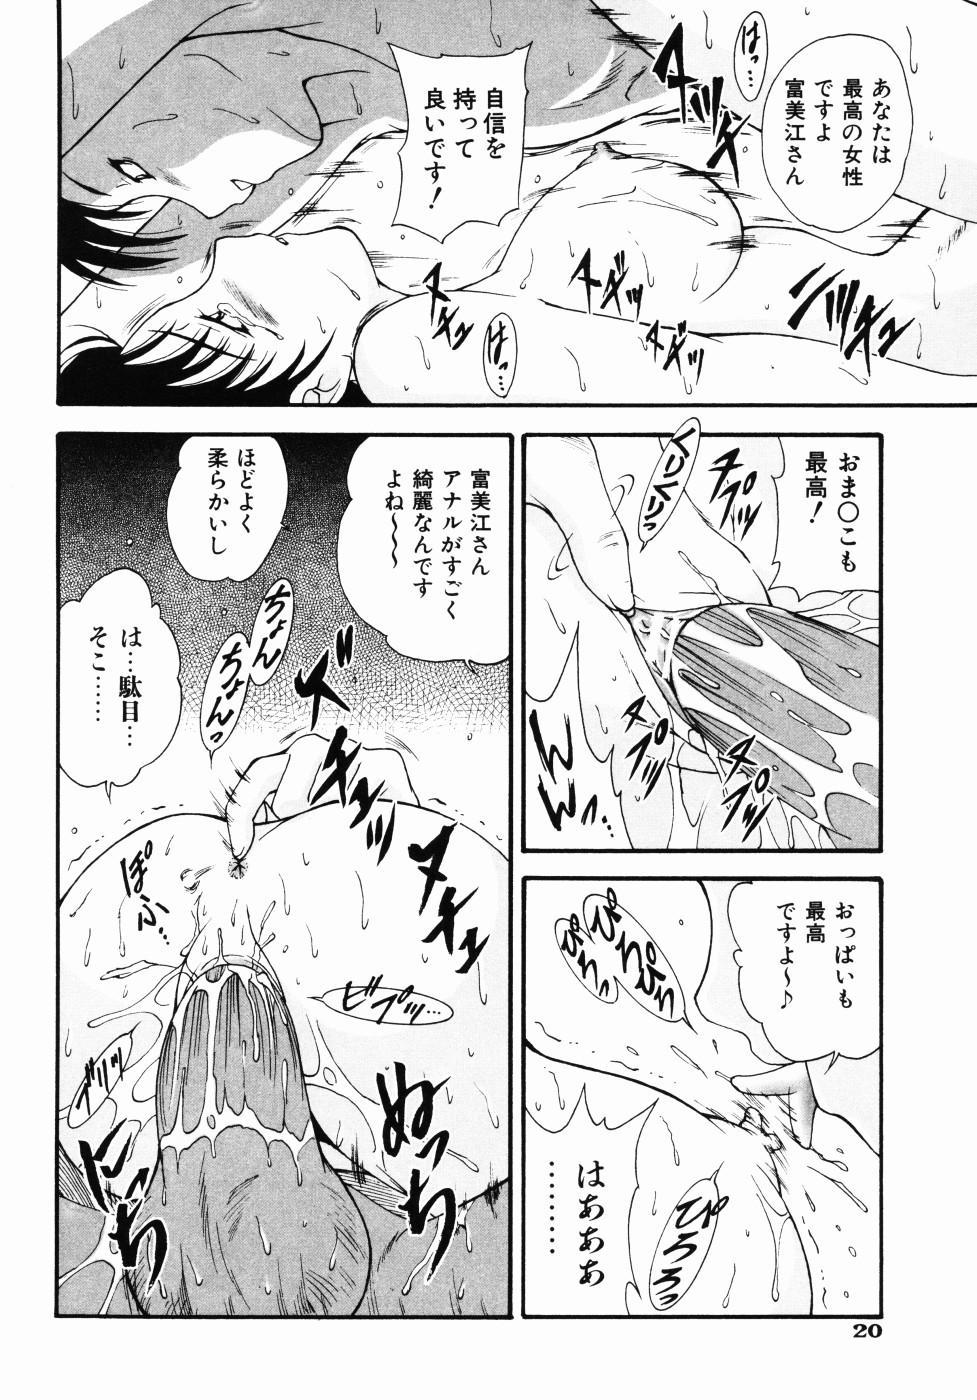 Daikyou Megami 24